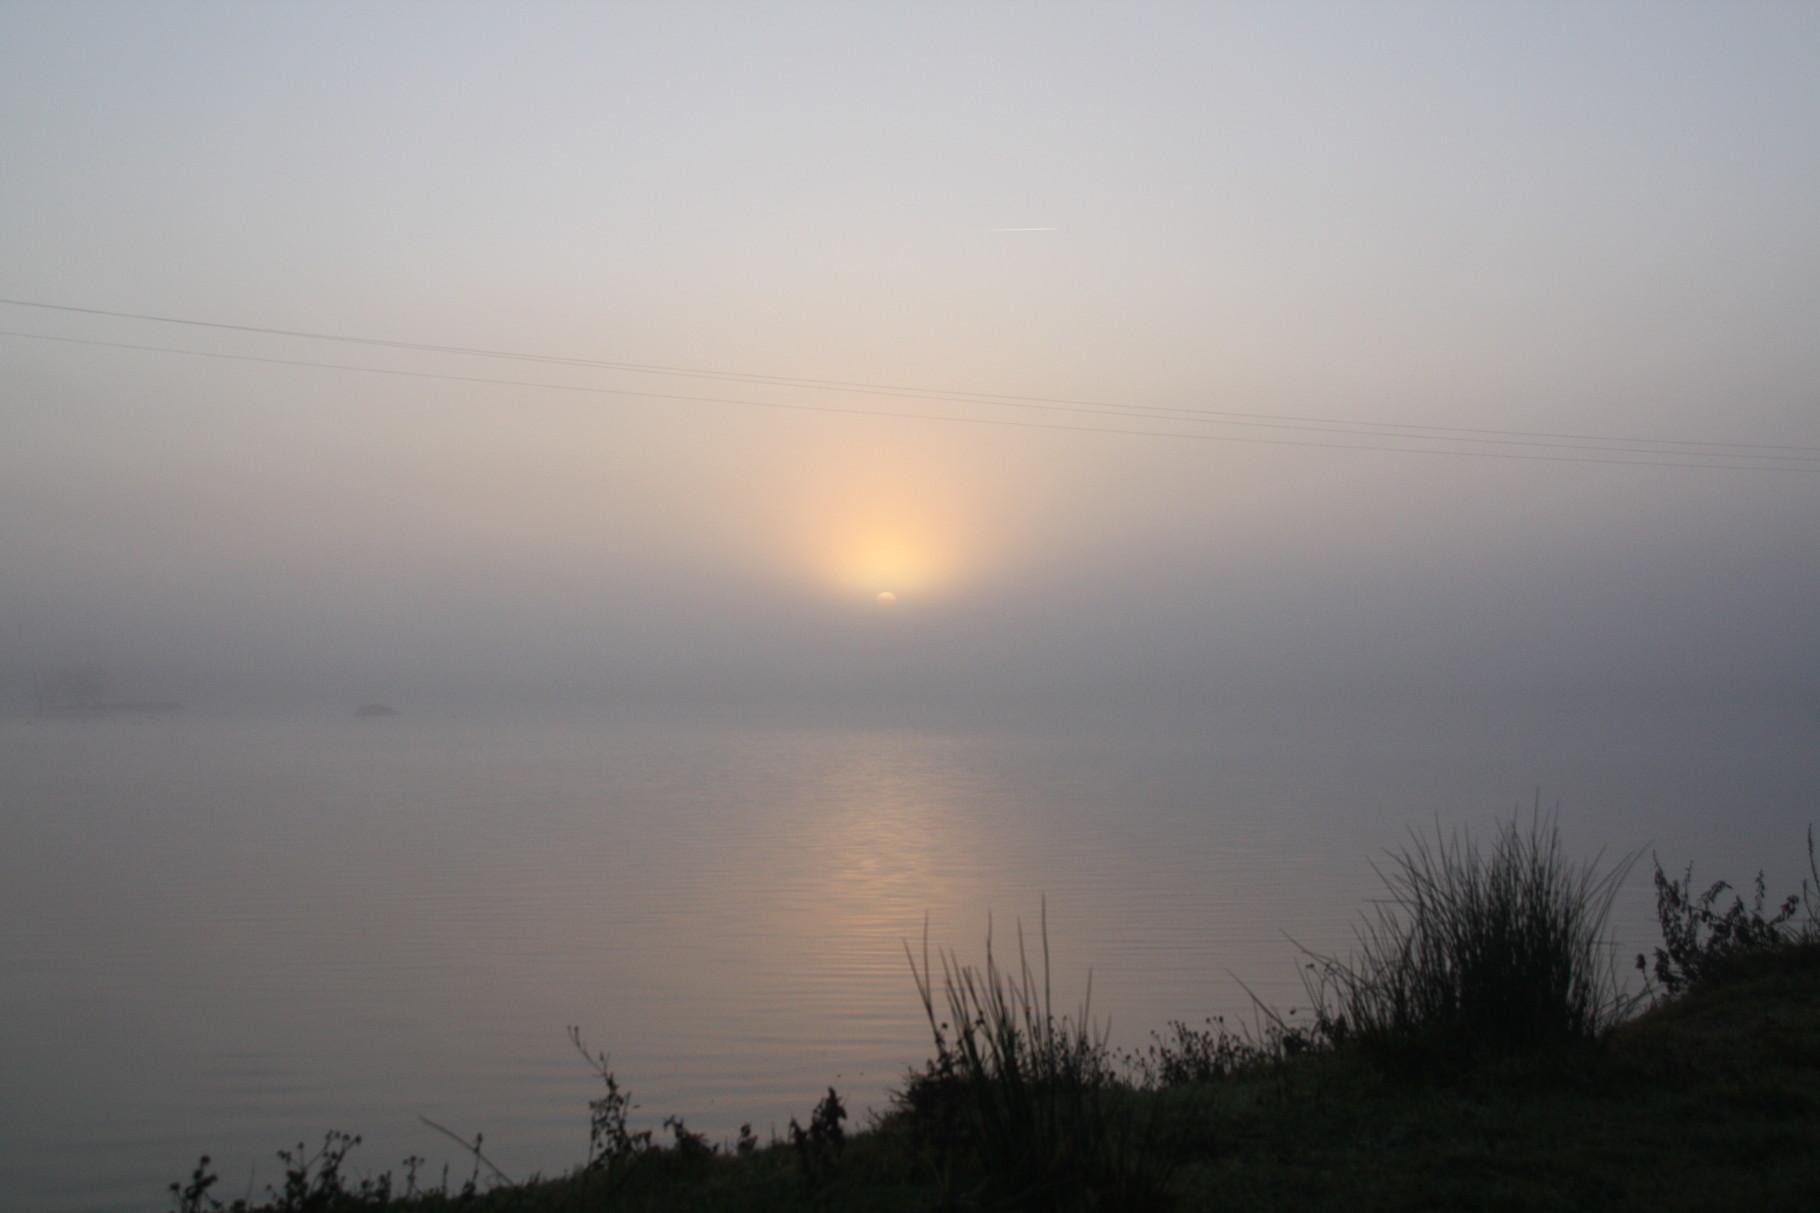 Lever de soleil sur un étang dans la brume matinal